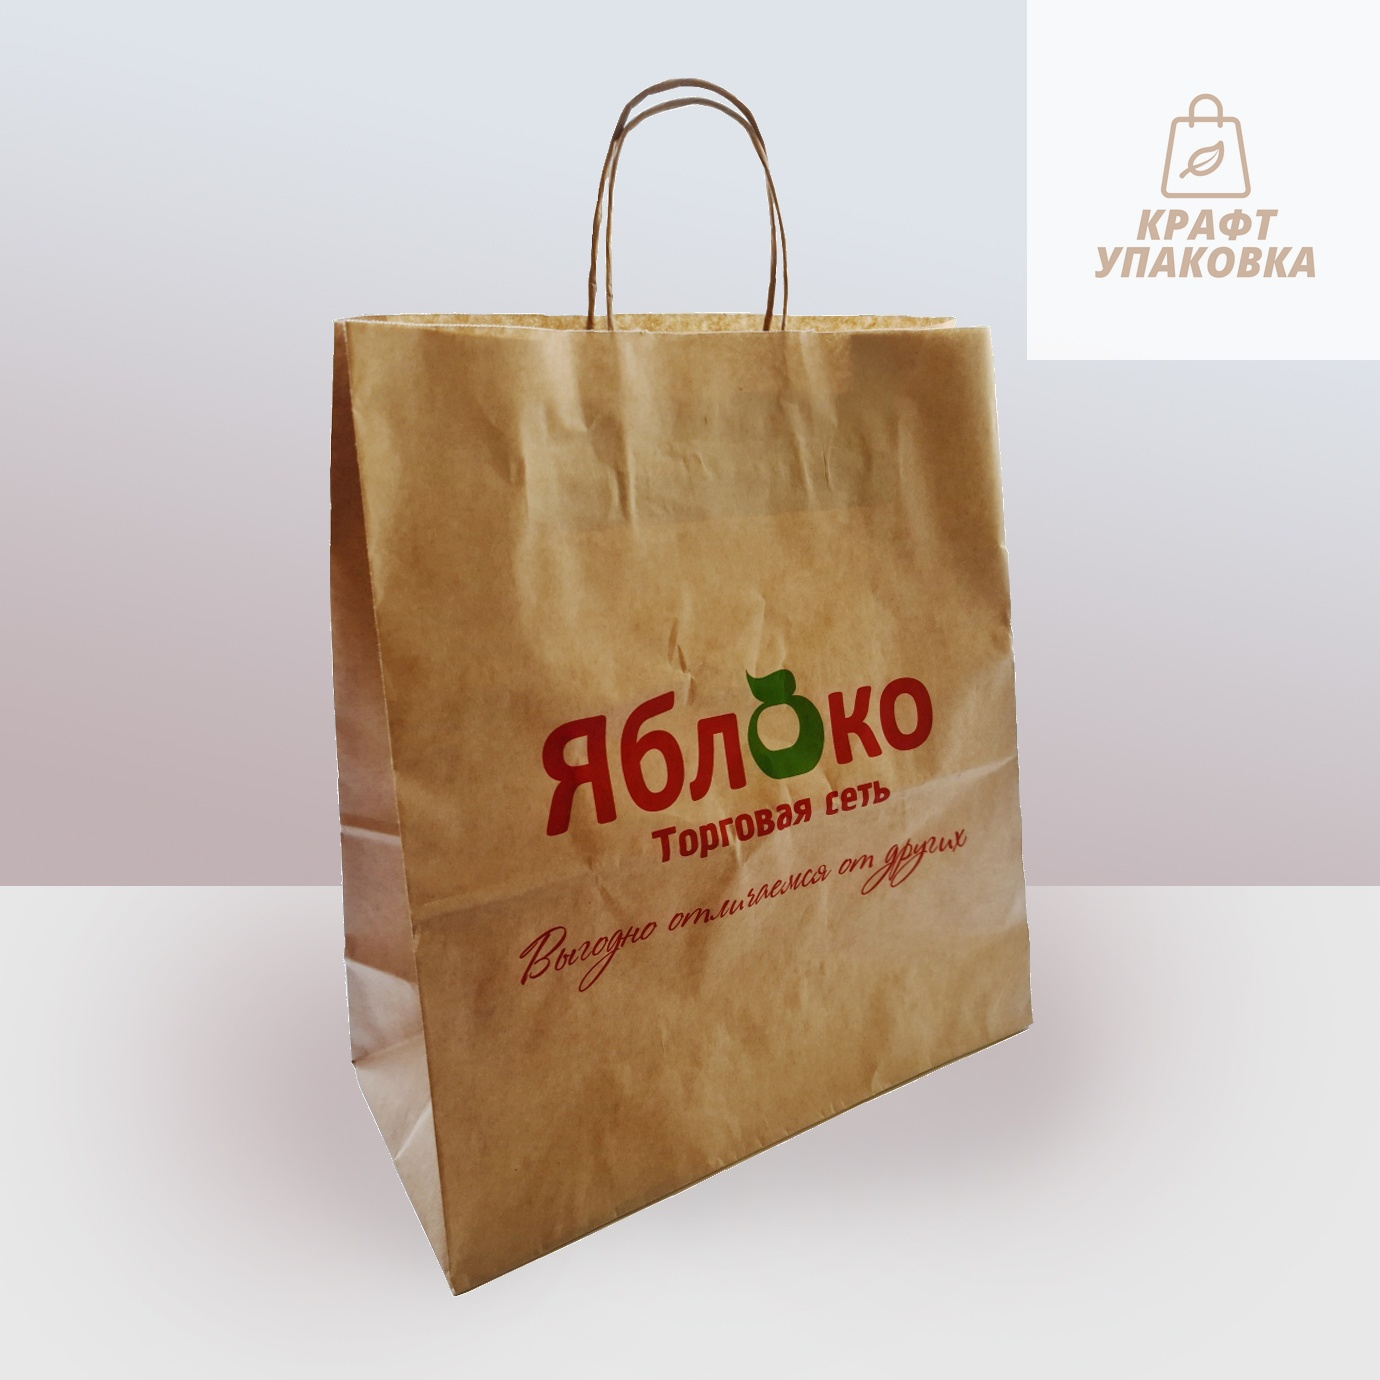 Крафтовые пакеты с логотипом яблоко бумажная упаковка екатеринбург